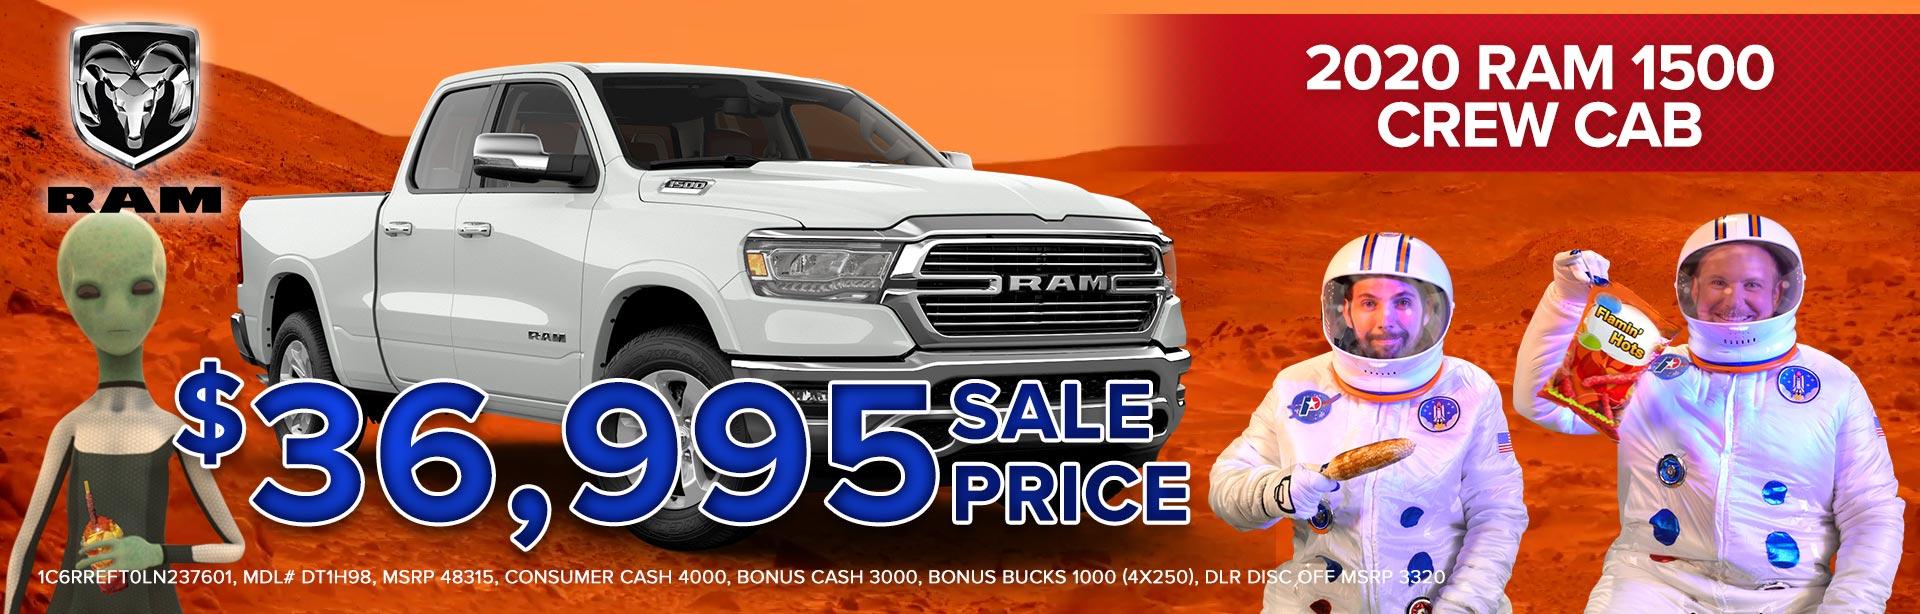 Get a 2020 Ram 1500 Crew  Cab for $36,995!